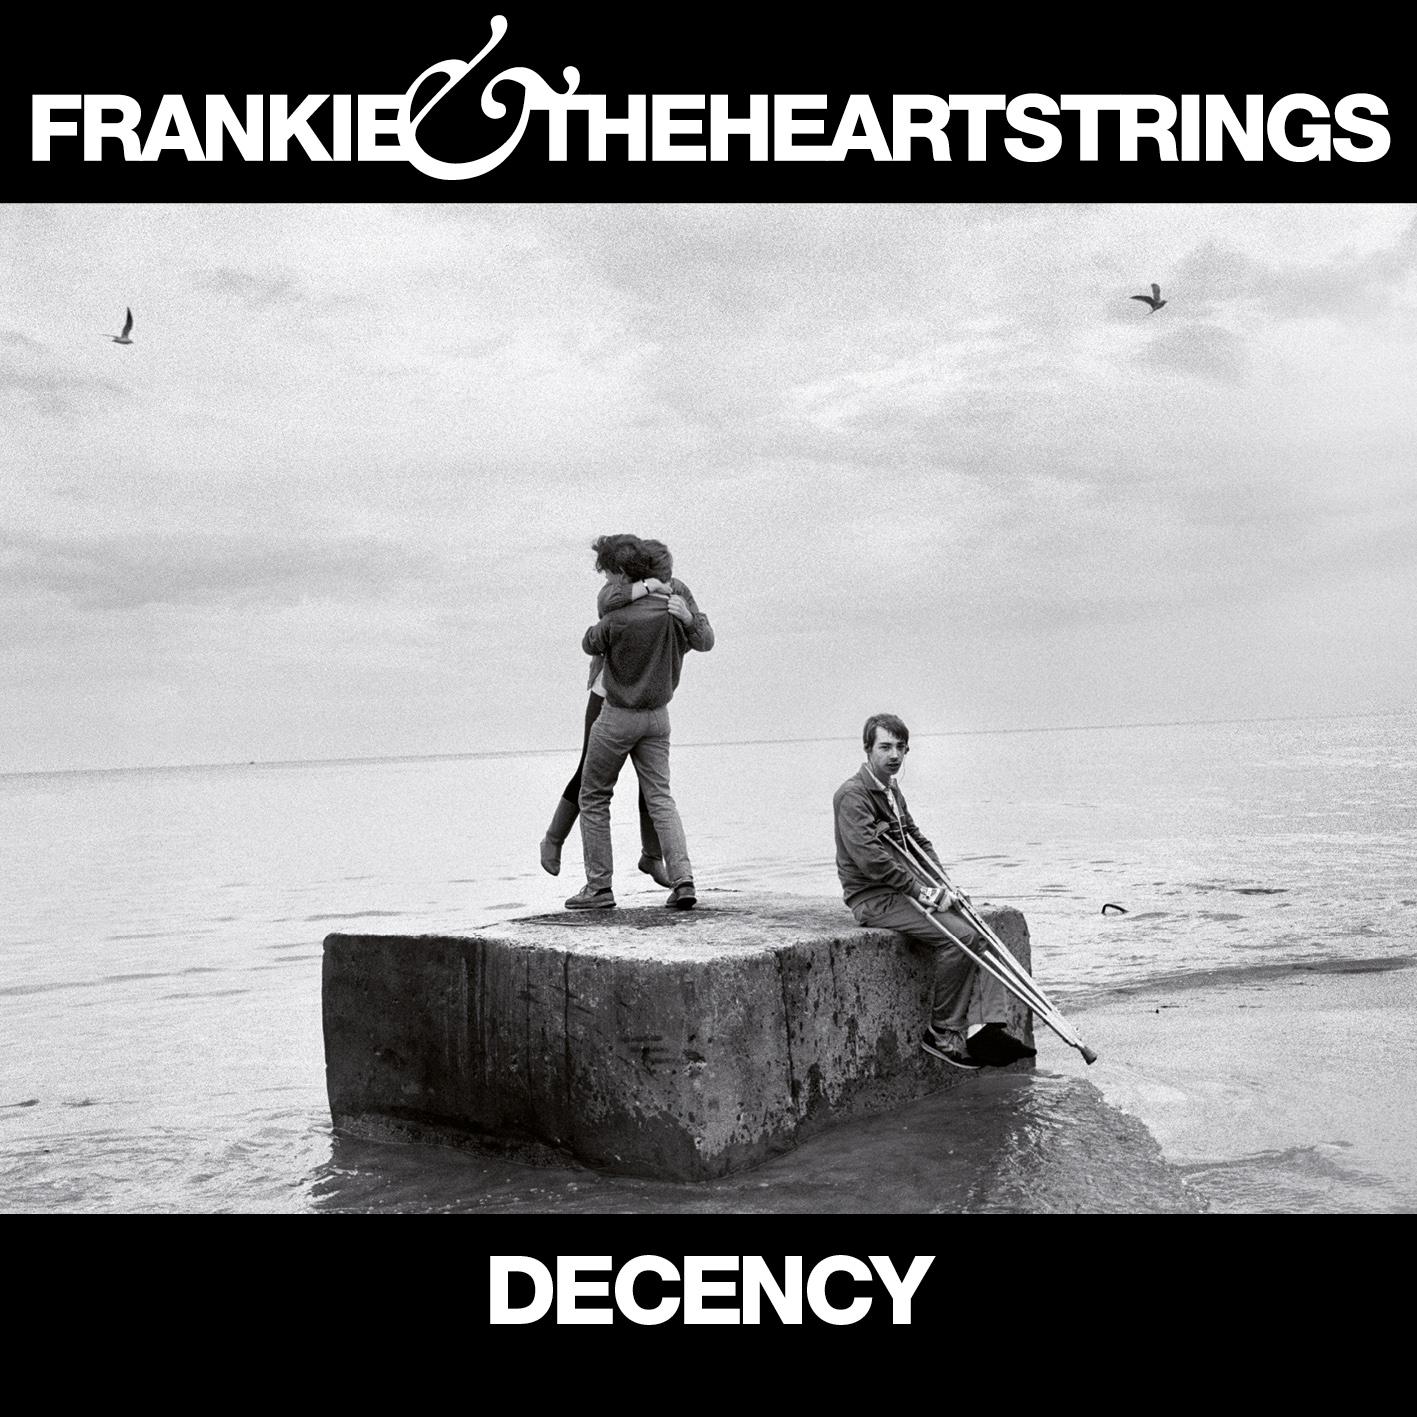 Decency LP - Frankie & The Heartstrings